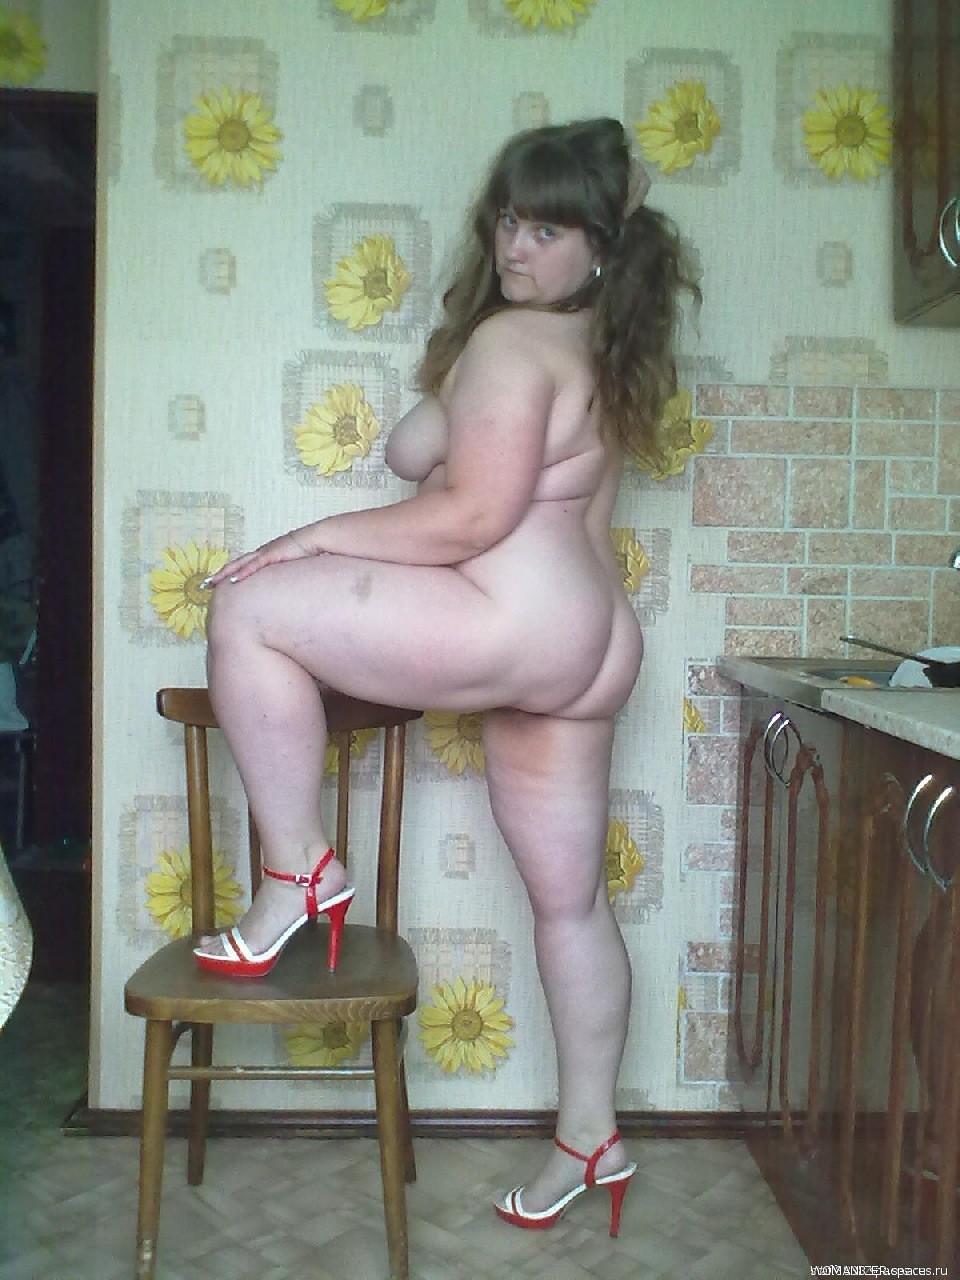 Частное фото русских жен - компиляция 11